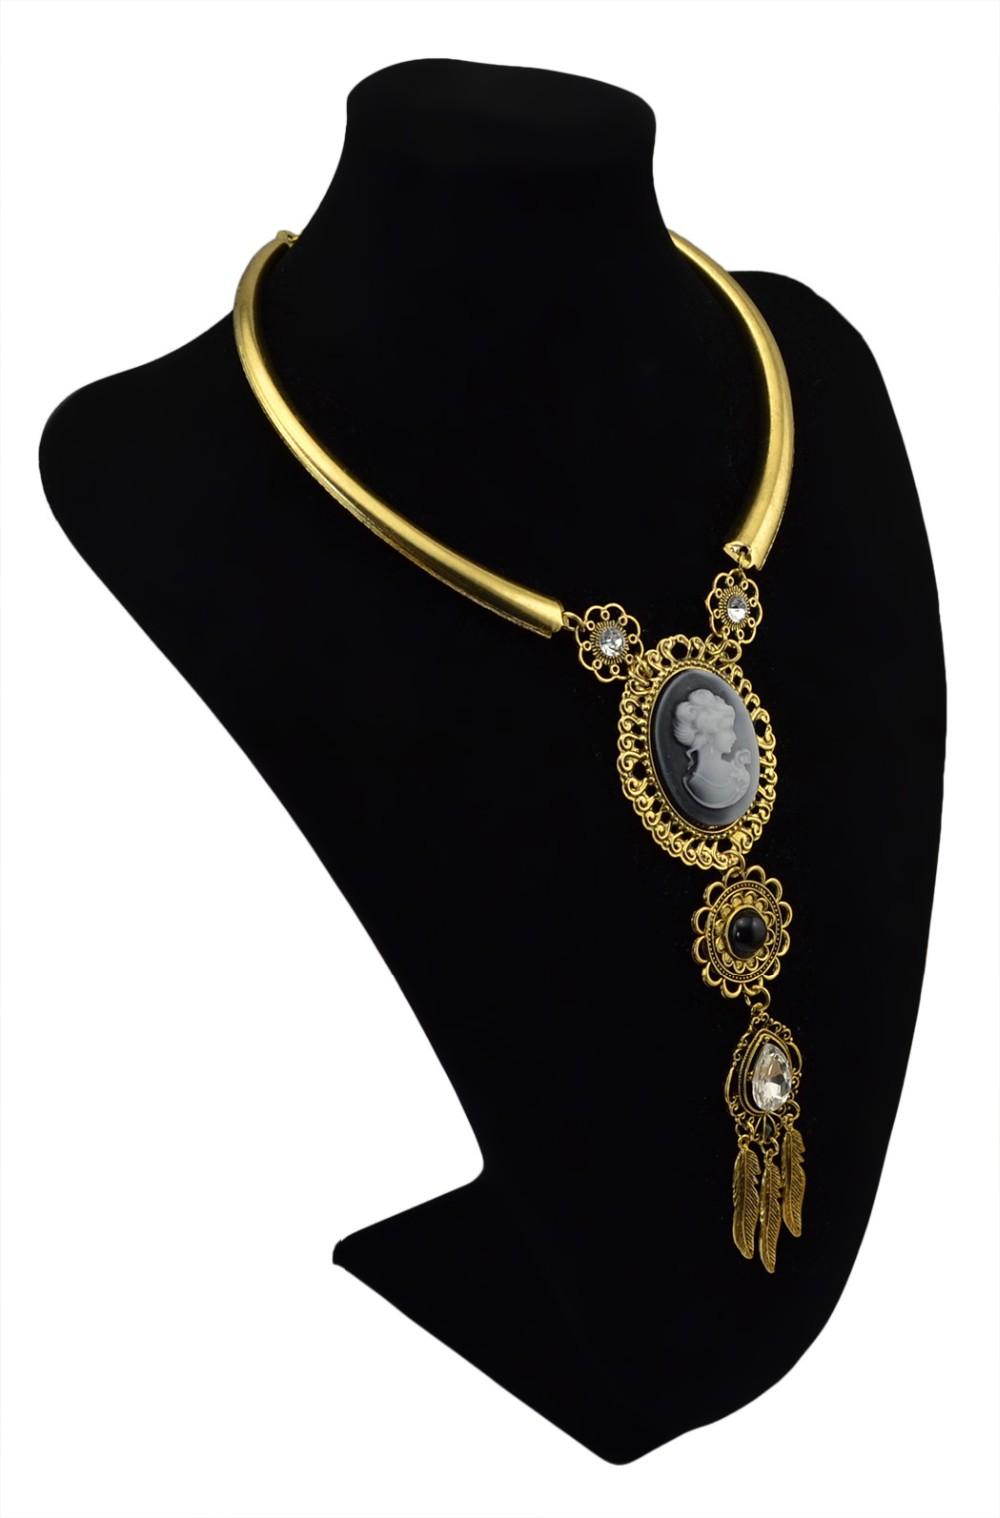 8dfc2f7778f5c Idealway أنيقة الفضة الذهب مكتنزة سلسلة خمر المرأة المختنق المريله ...